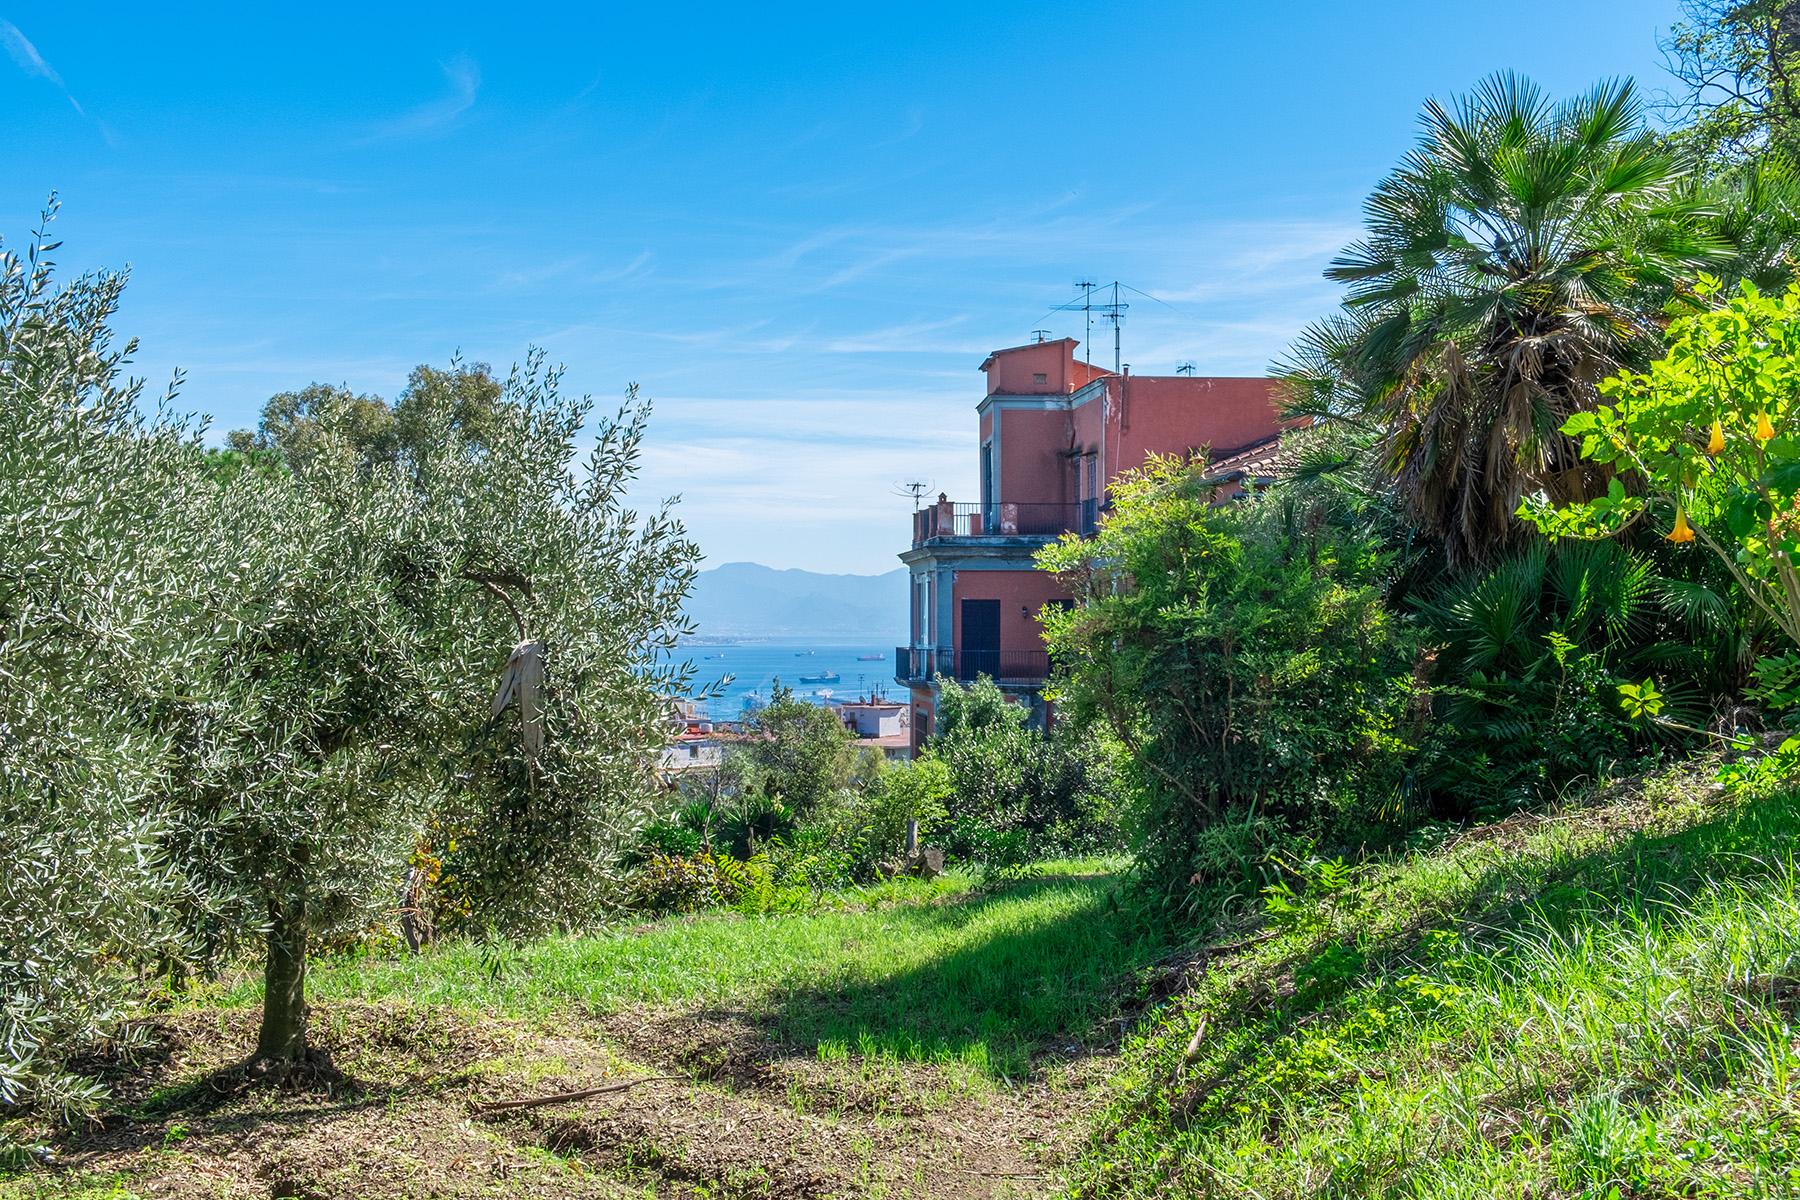 Casa indipendente in Vendita a Napoli: 5 locali, 300 mq - Foto 2